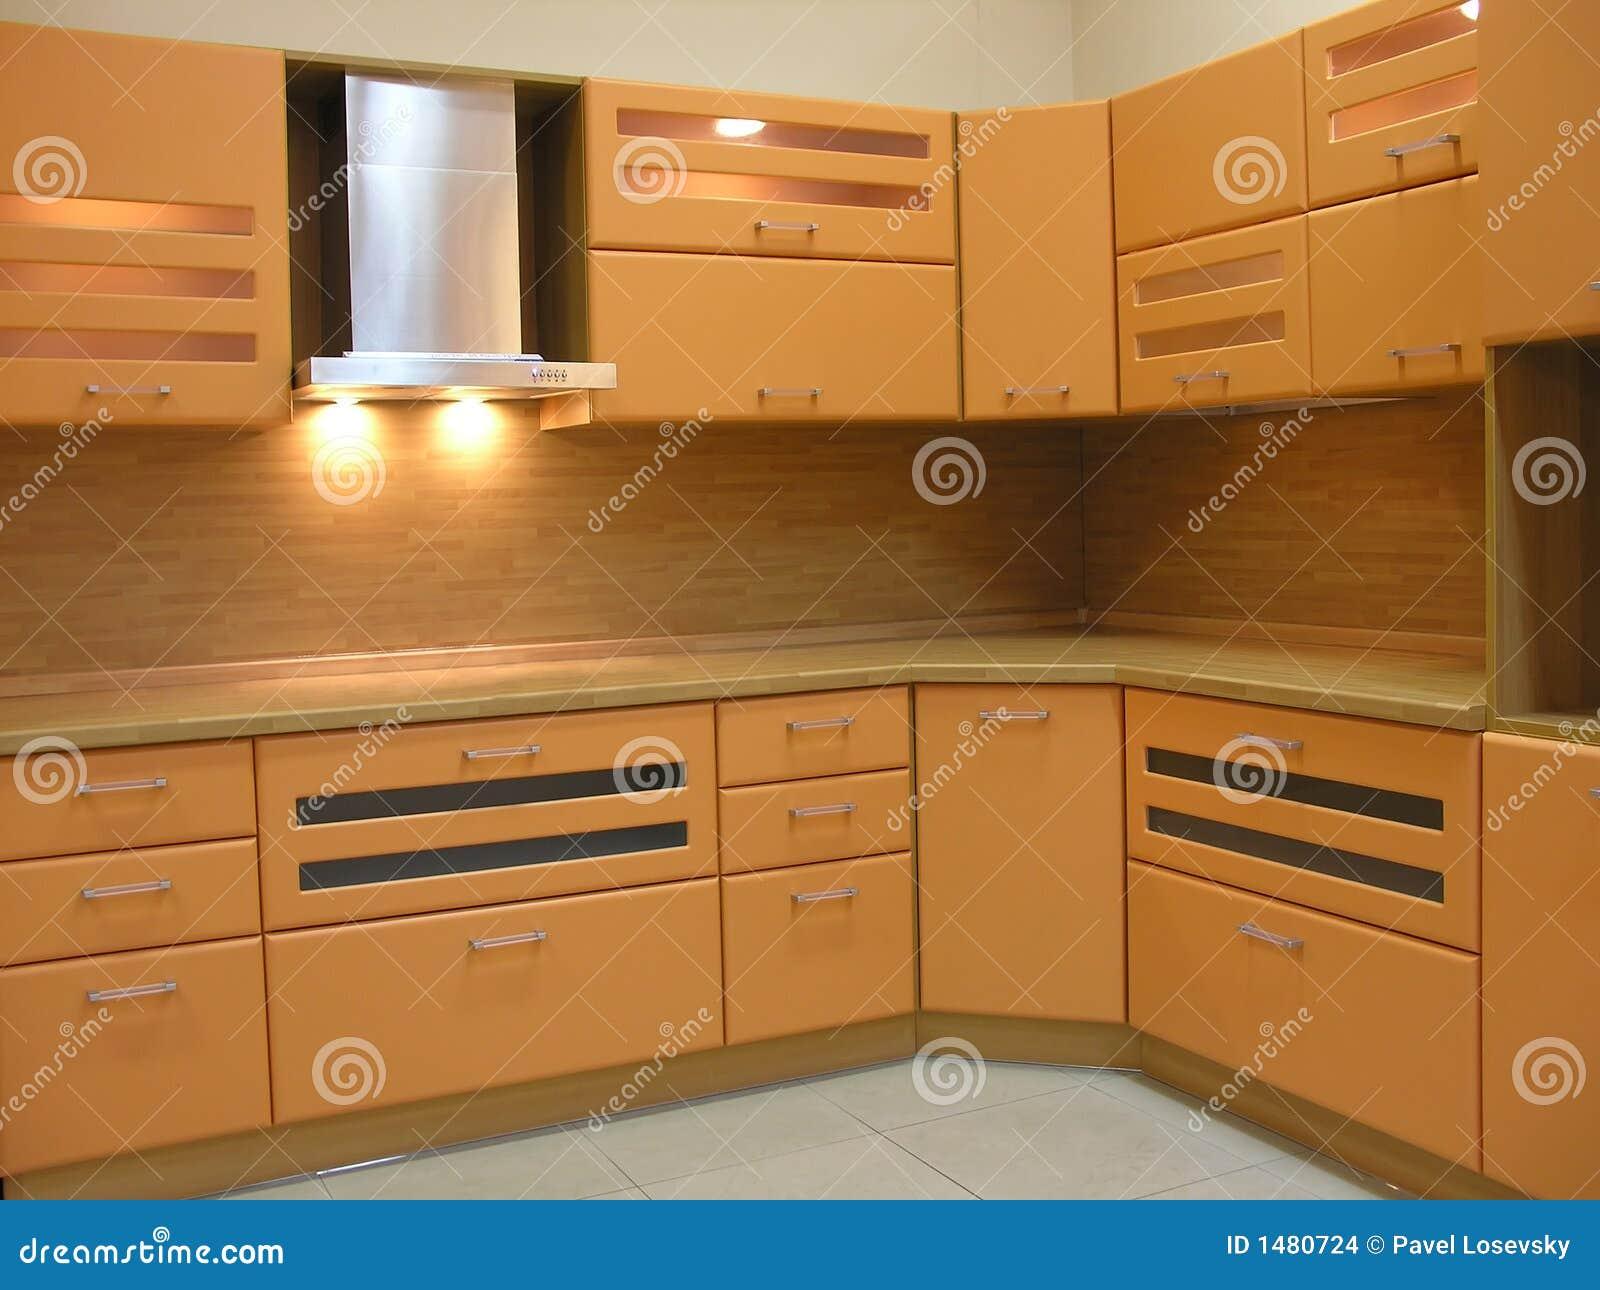 Schön Küche Farben Hellbraun Schränke Fotos - Küche Set Ideen ...